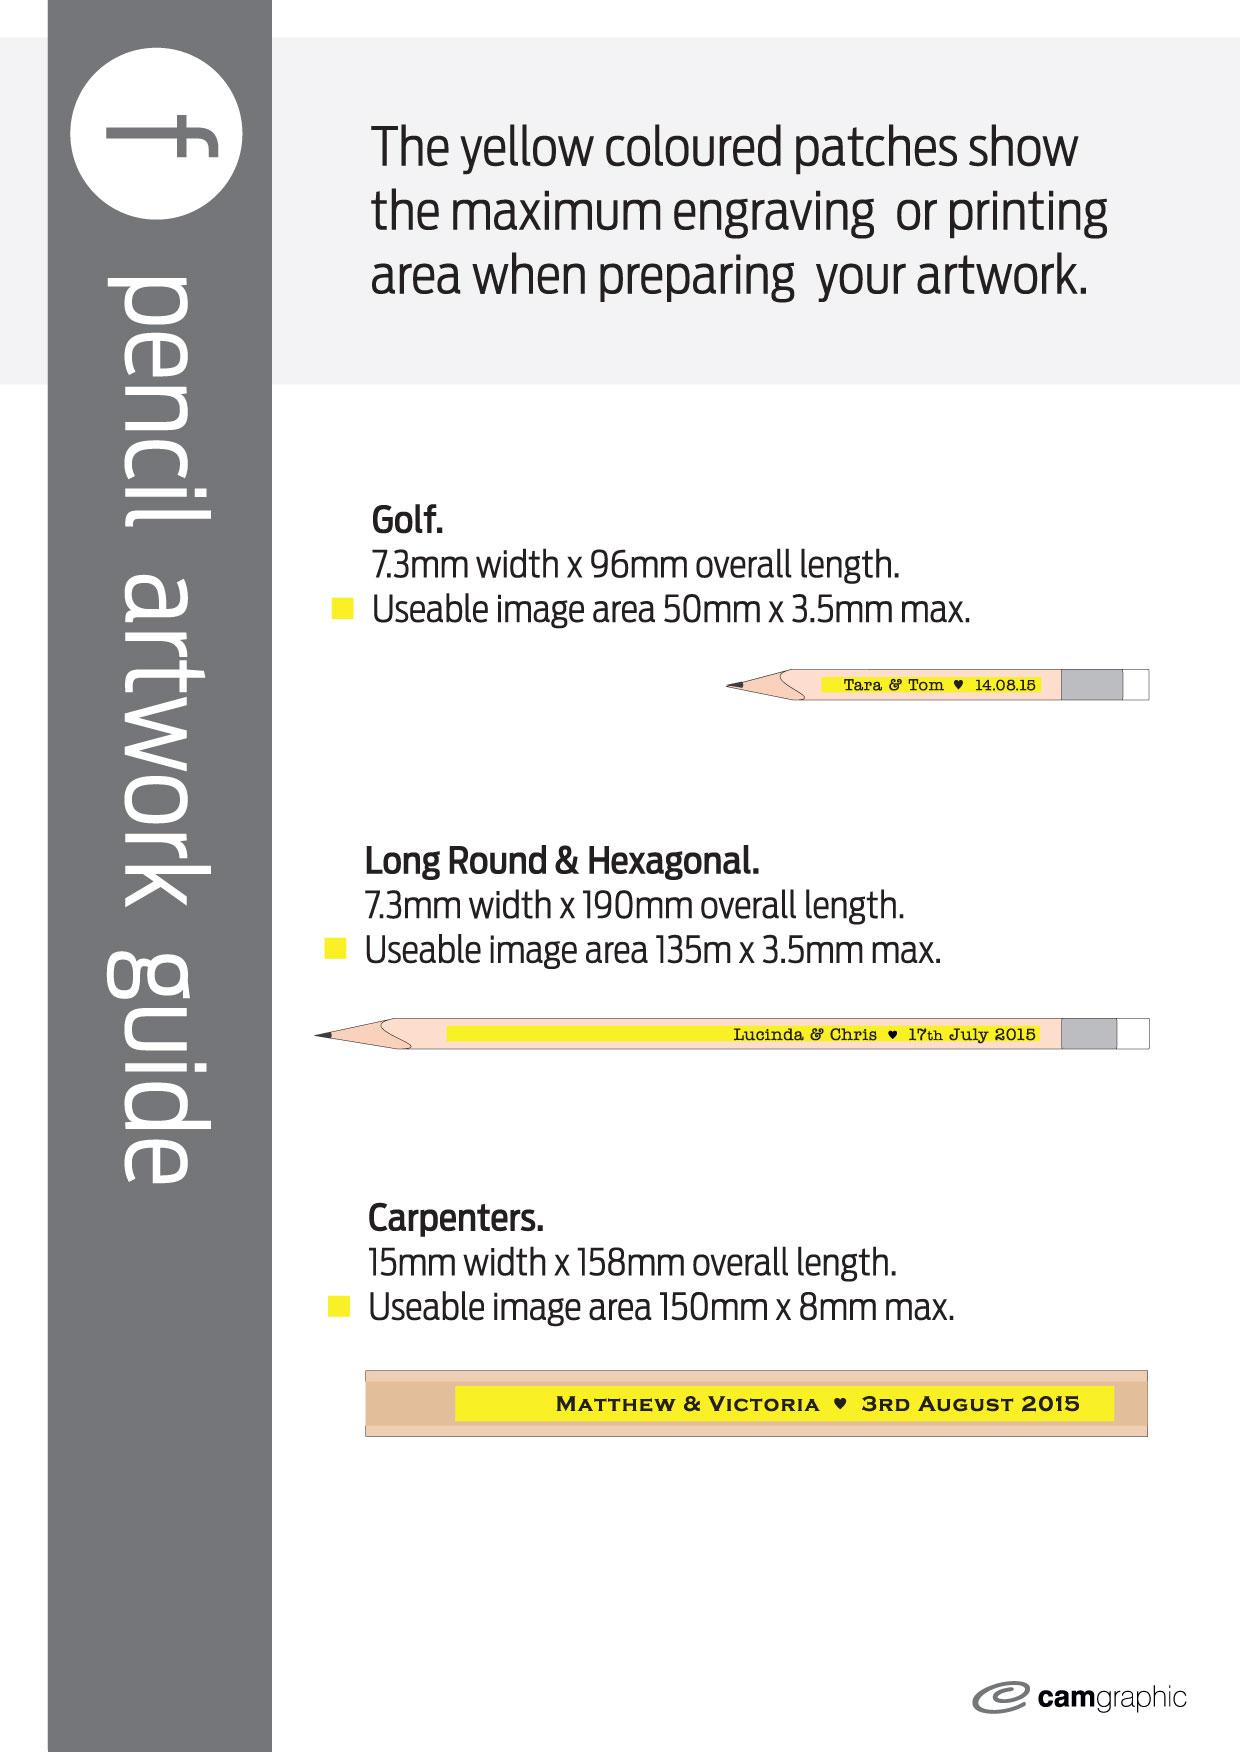 pencil-artwork-guide.jpg